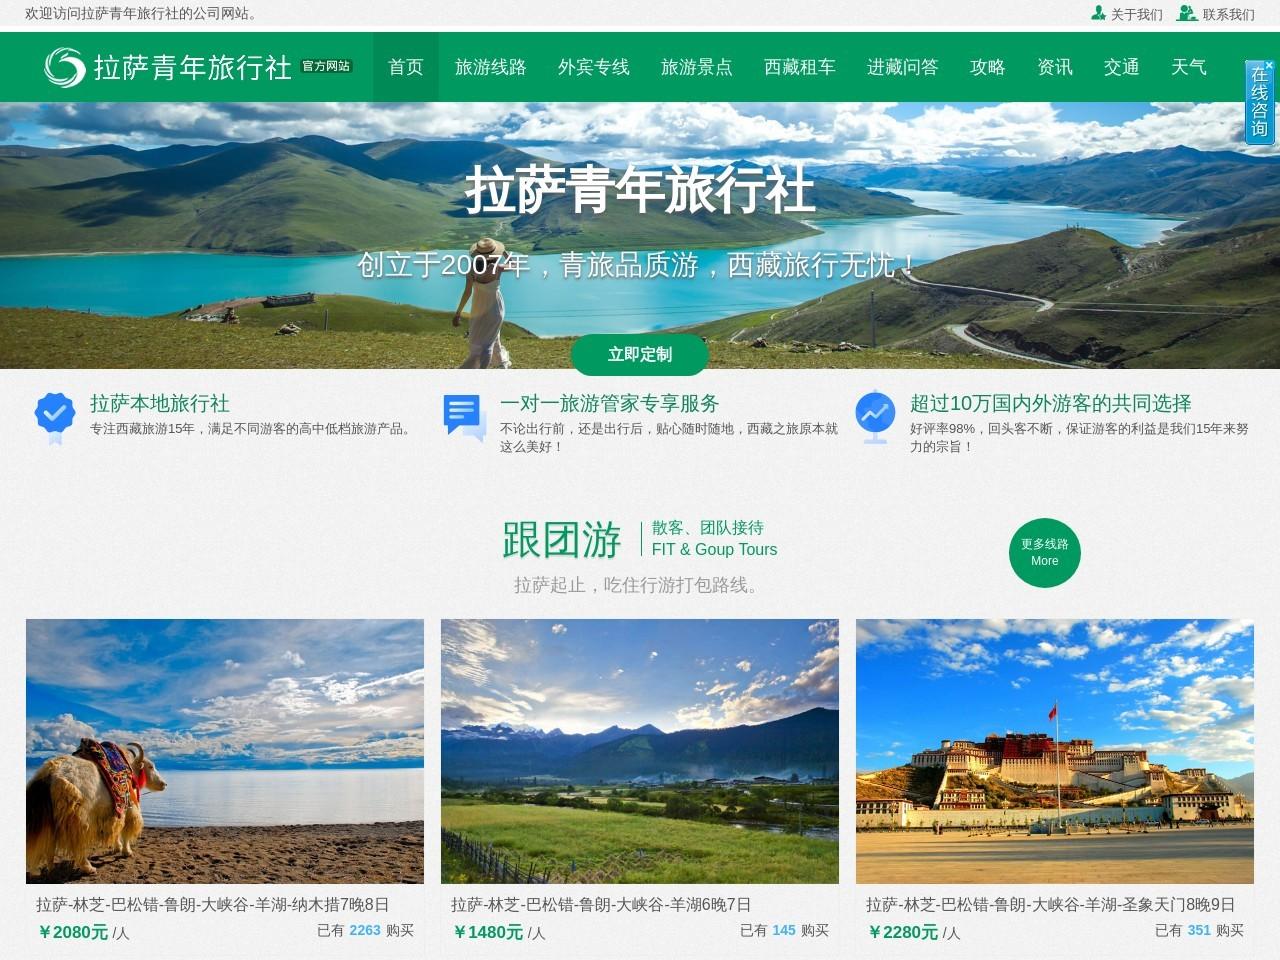 拉萨旅行社_西藏旅游团路线报价-拉萨青年旅行社